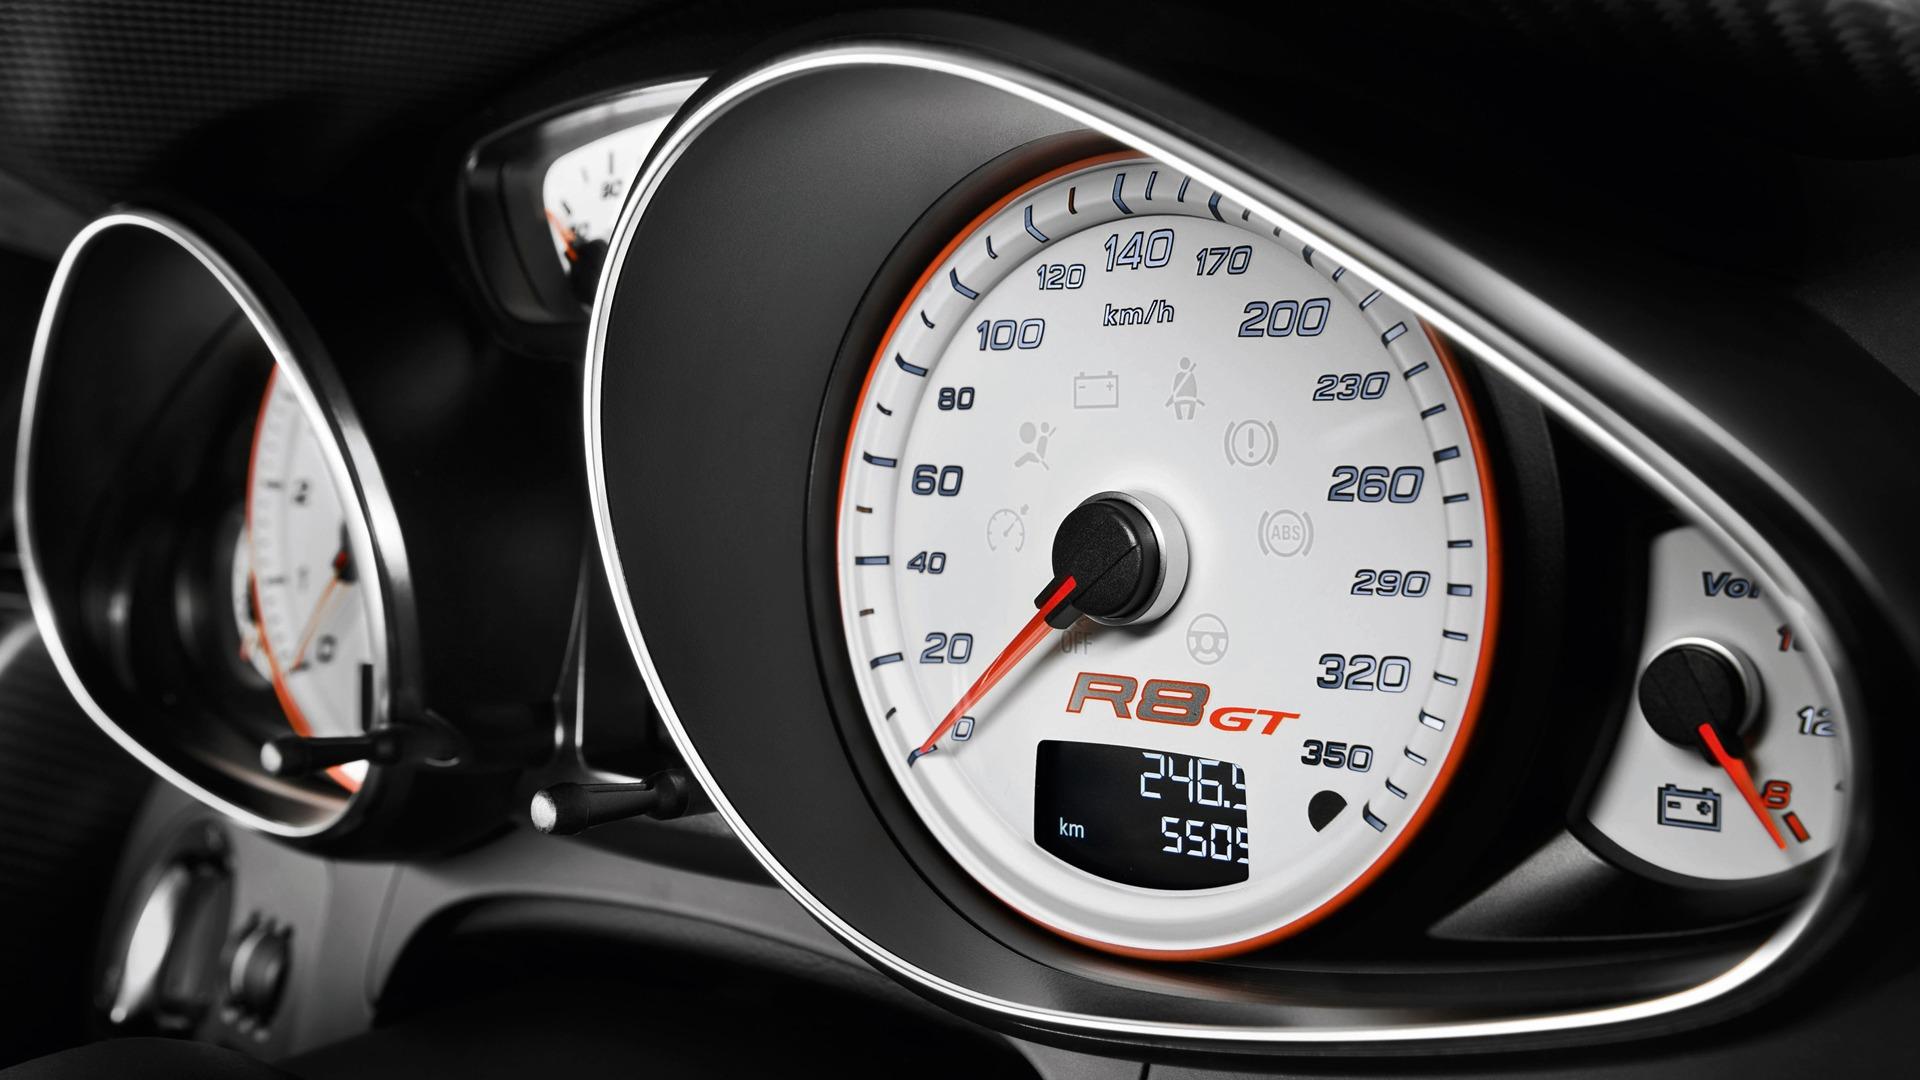 Audi R8 Gt 2010 Hd Wallpaper 15 1920x1080 Wallpaper